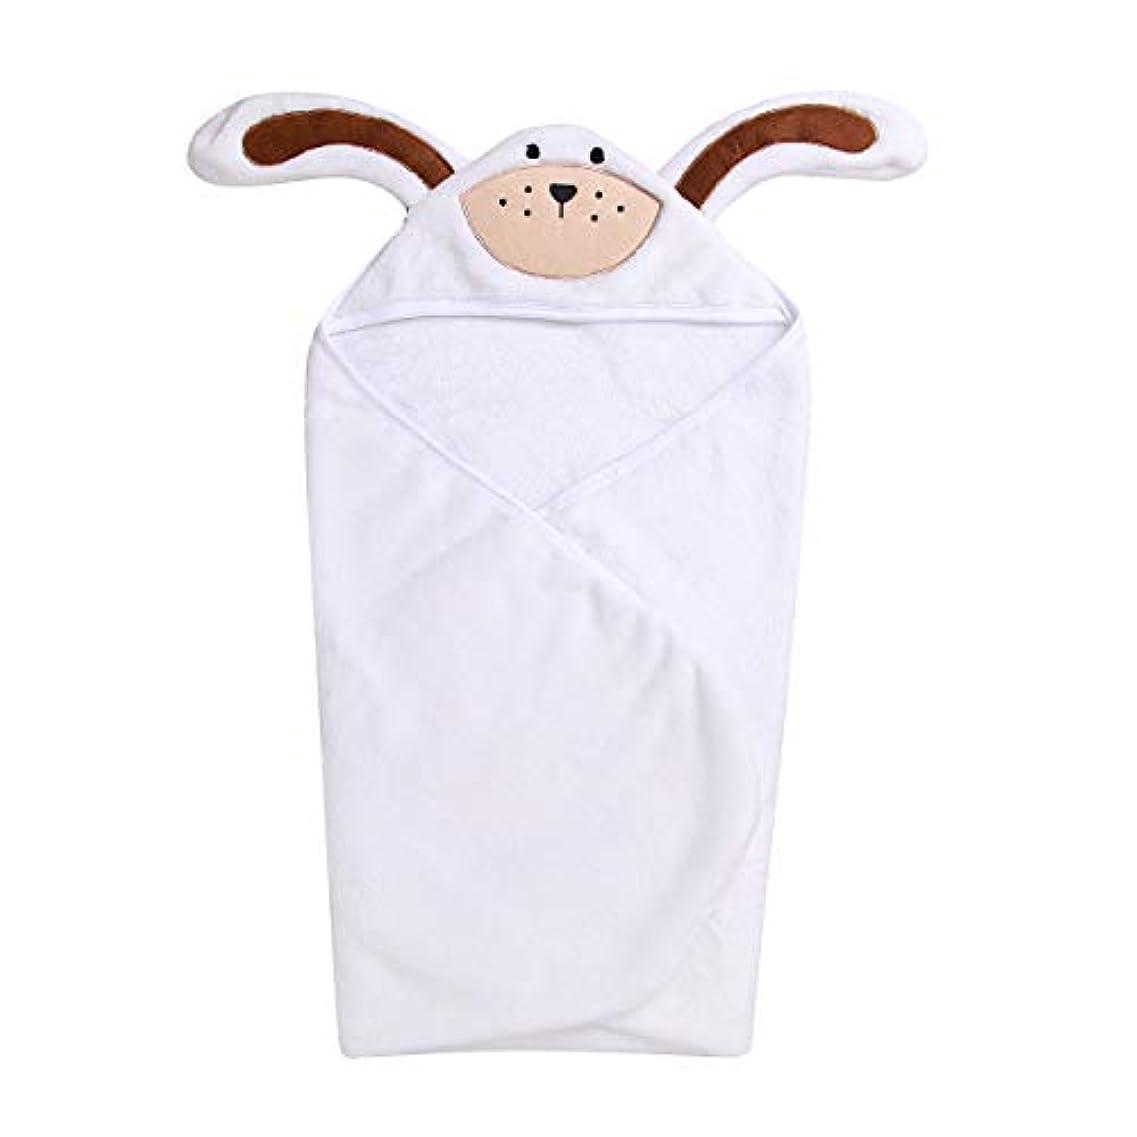 マージンナプキン確実着ぐるみ ベビーケット動物のパターン ベビー布団 パジャマ 赤ちゃん 男の子 女の子 コスチューム 暖かい 出産祝い 0-3ヶ月 (ホワイト, 0-3ヶ月)